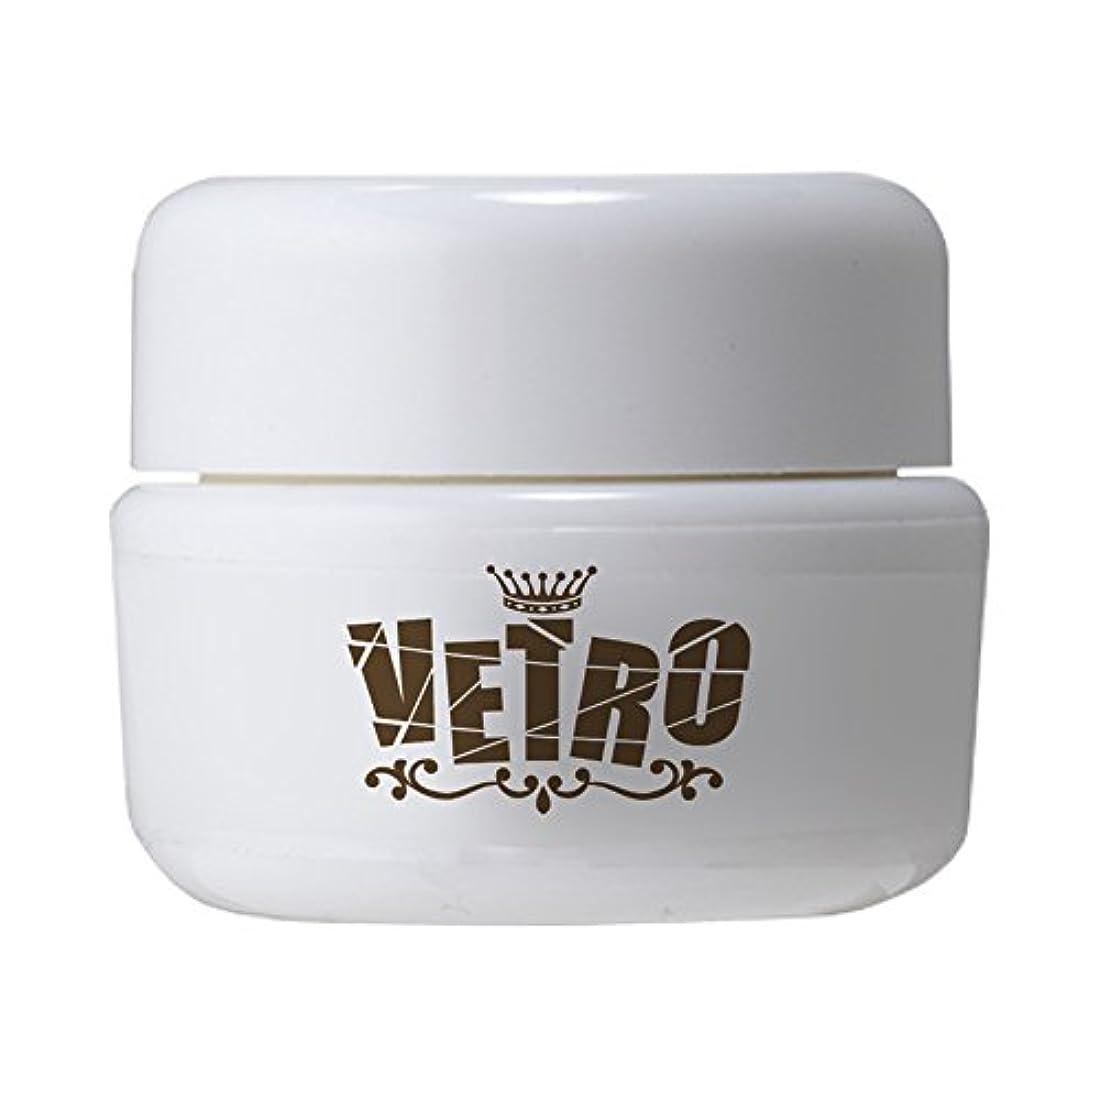 解体する担保華氏VETRO No.19 カラージェル マット VL420 宍色 4ml